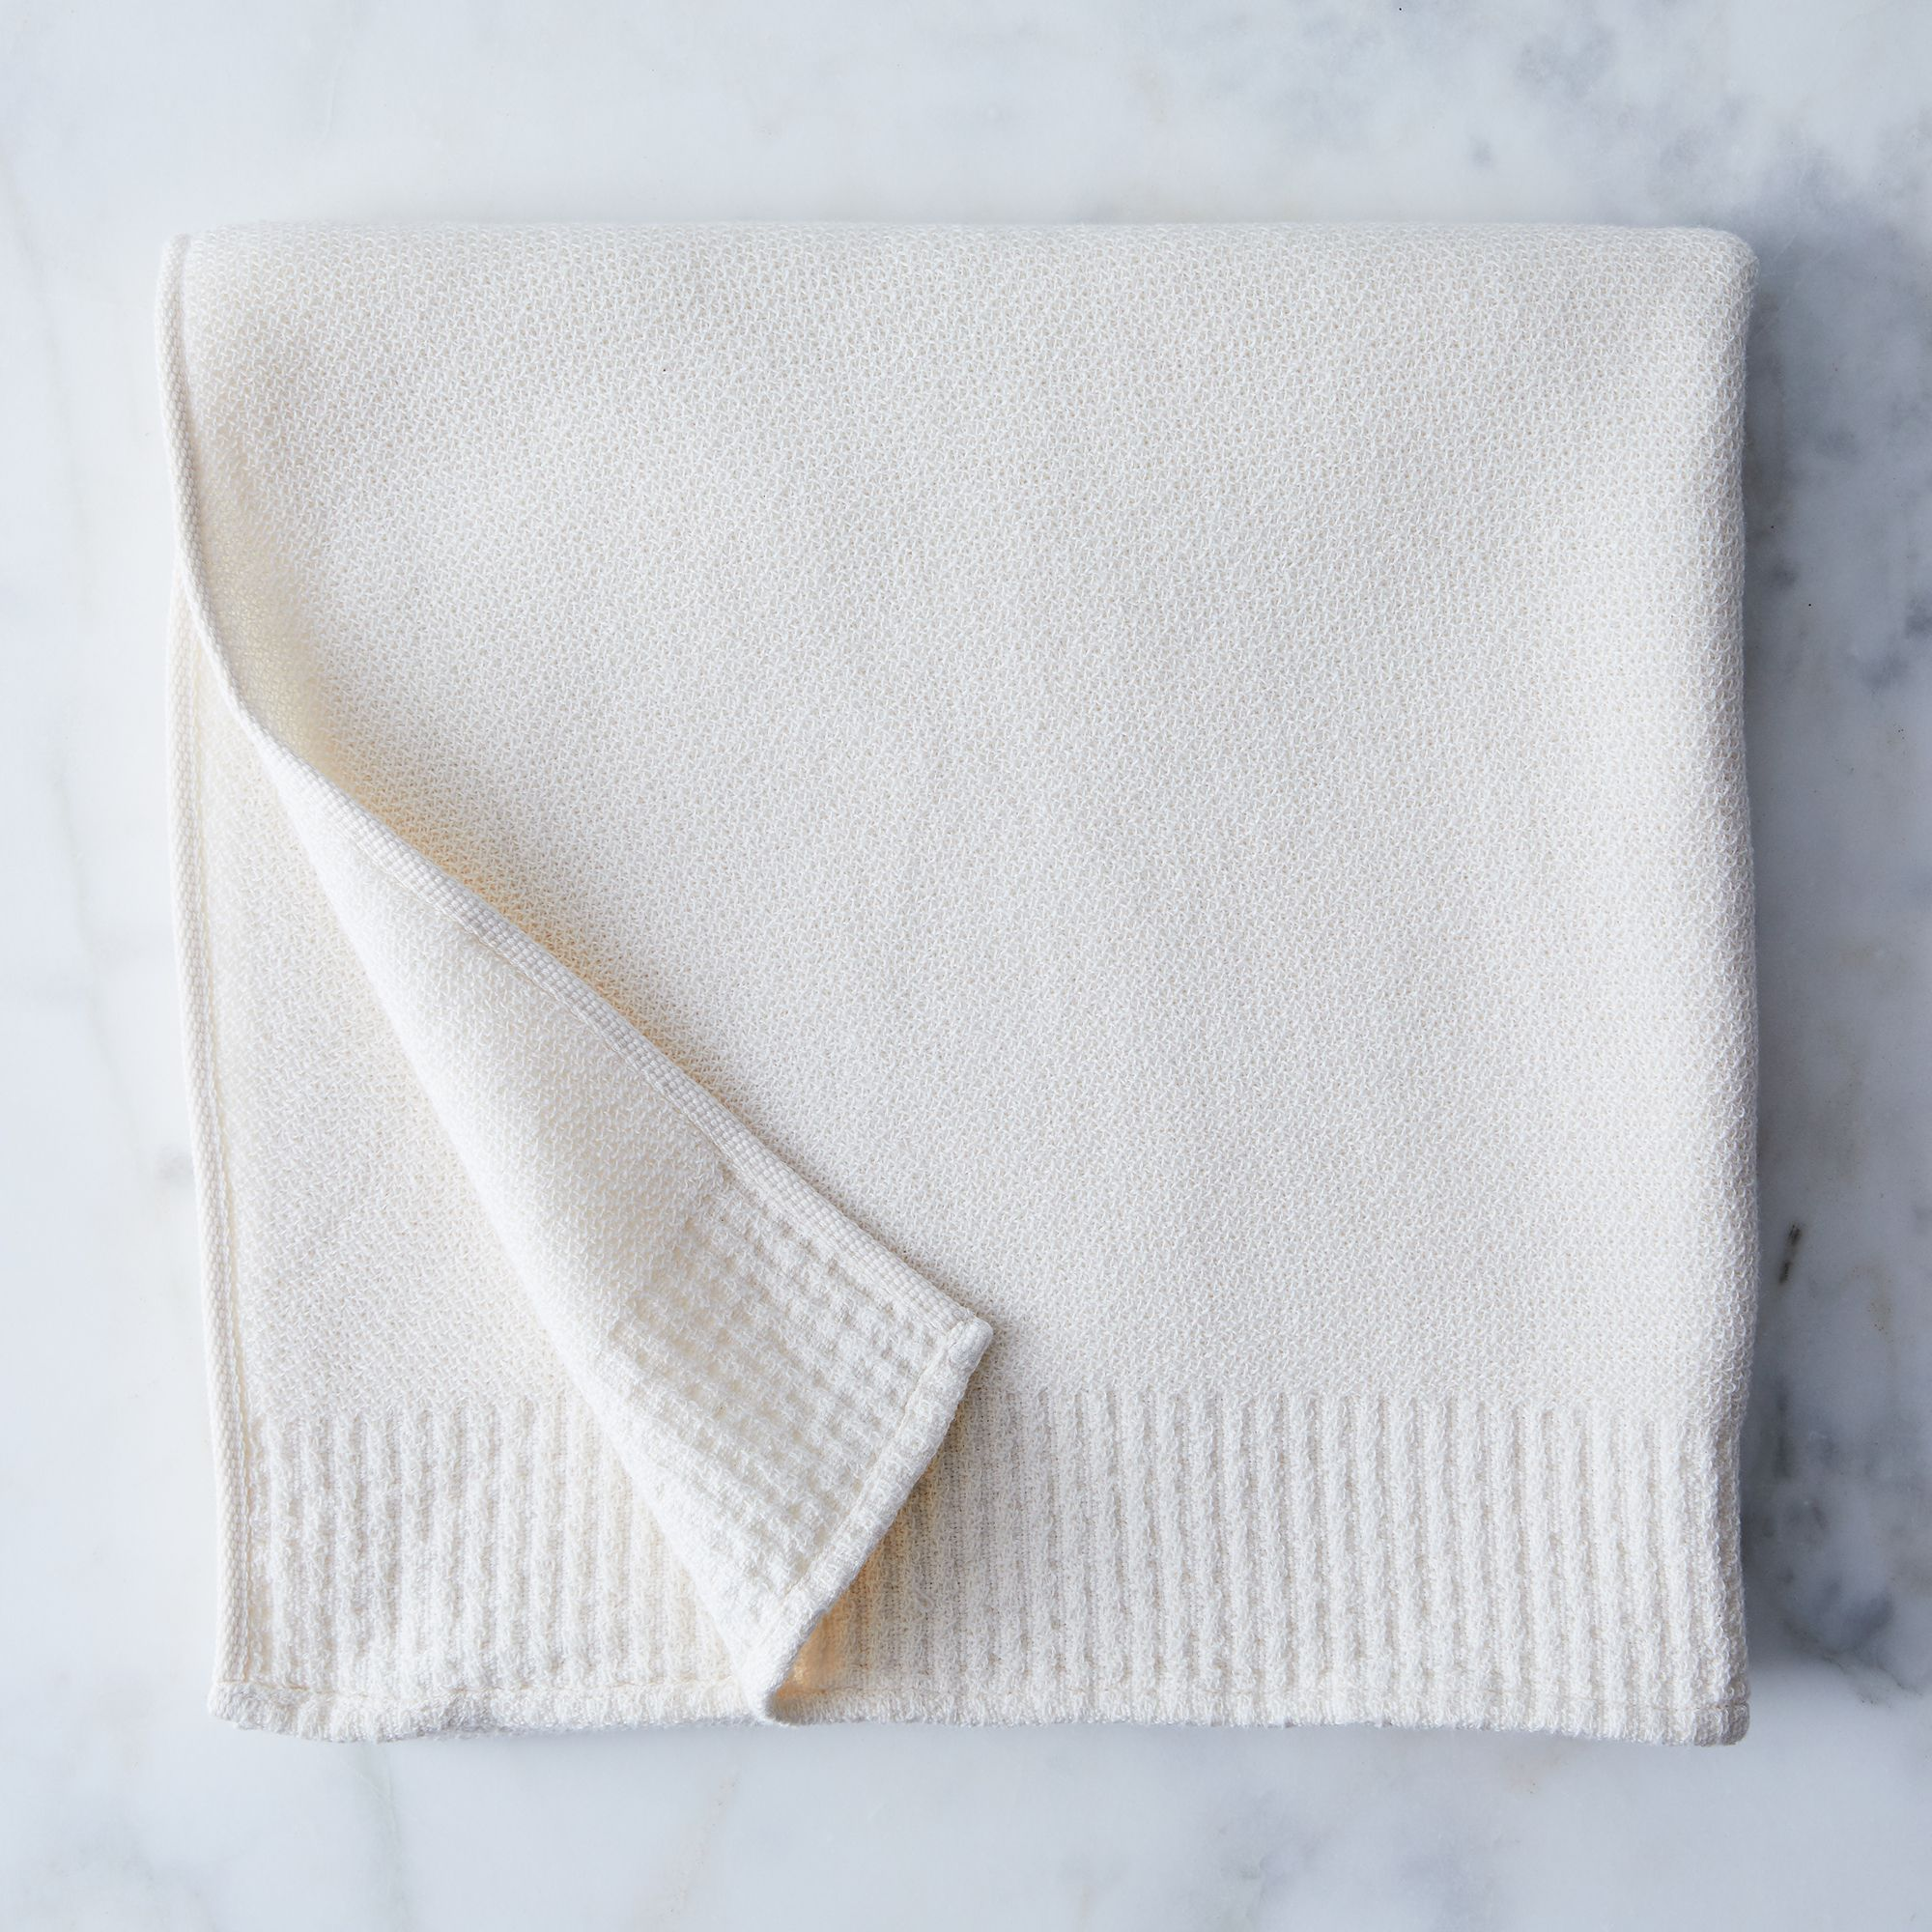 55c05967 d67e 4af8 87f8 f5e5d0eccafb  2017 1215 morihata aile towels cream bath towel silo ty mecham 006